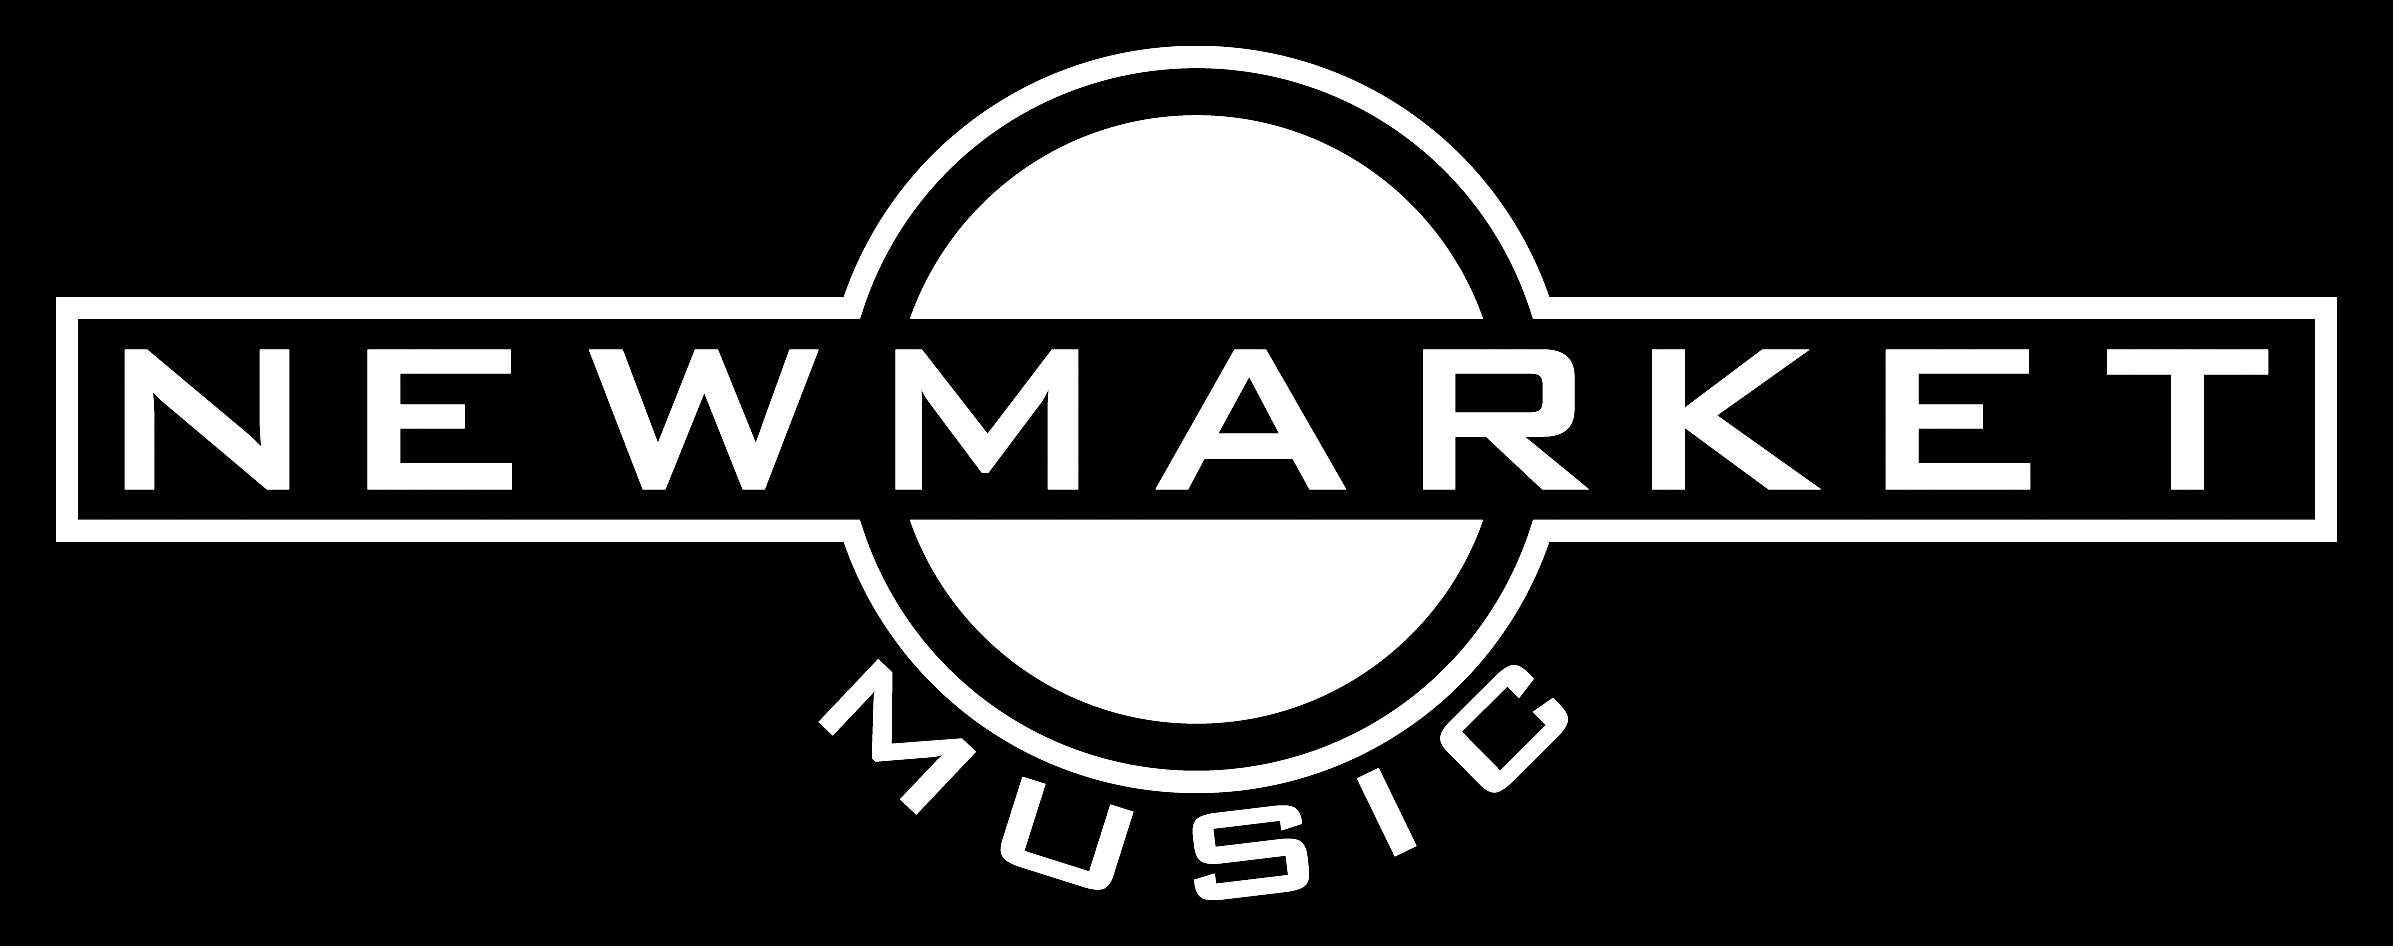 newmarket-logo-white.jpg